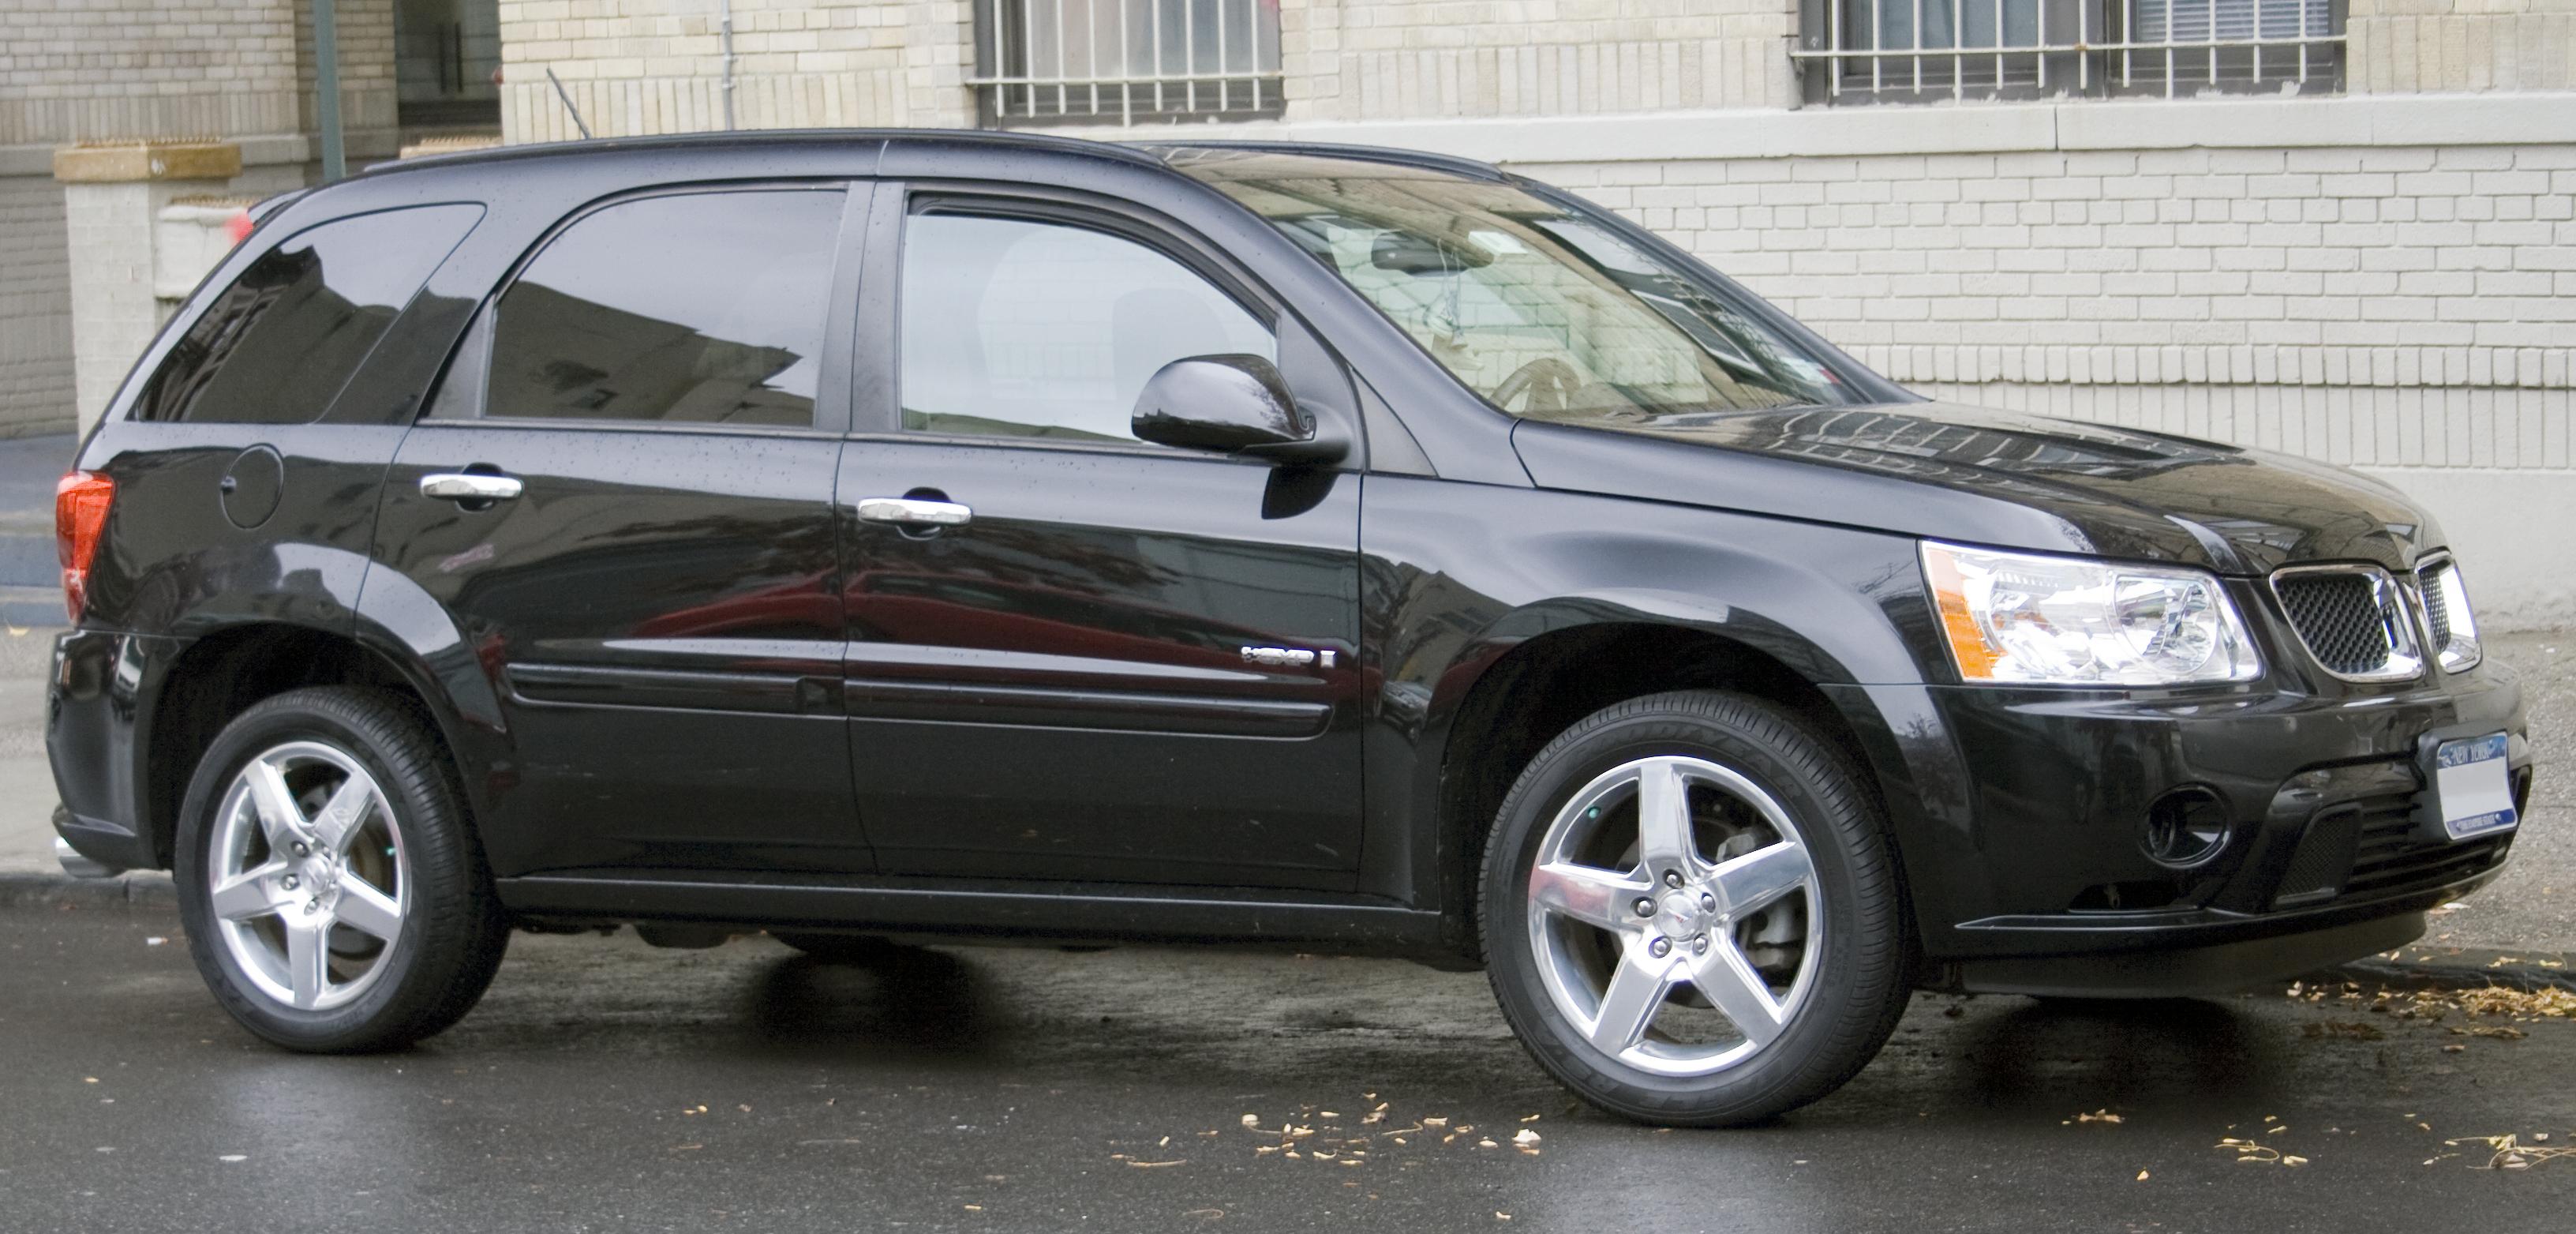 Pontiac Torrent 2005 - 2009 SUV 5 door #3